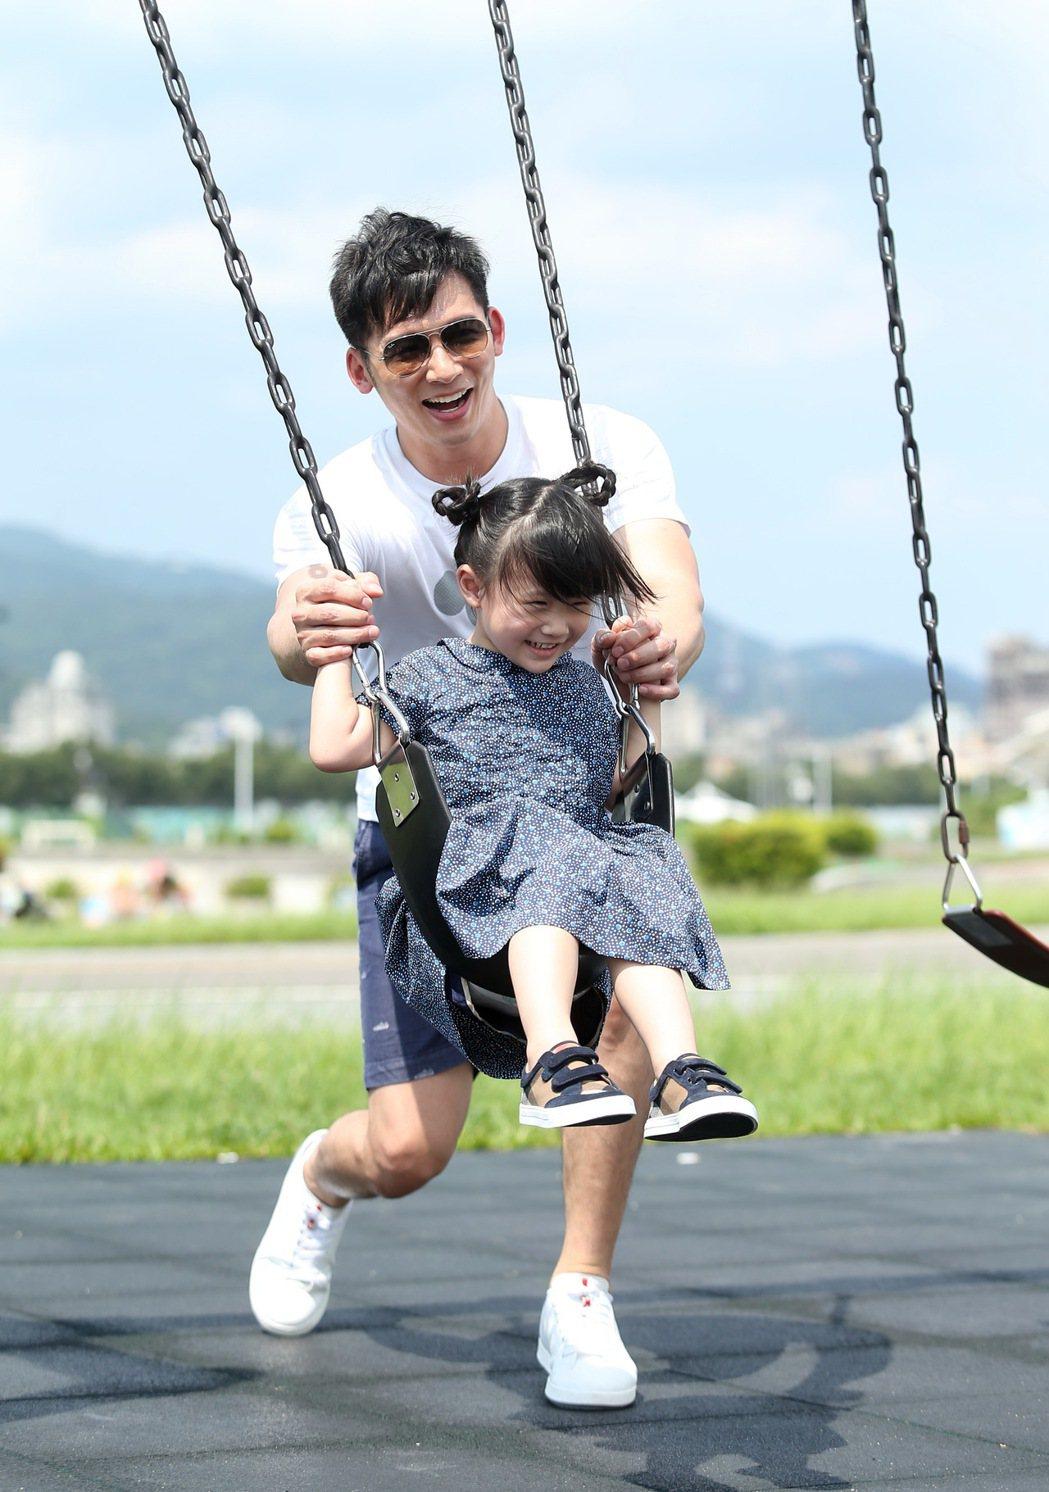 溫昇豪平時沒工作時,都會開車載著女兒到戶外消耗體力。 記者林澔一/攝影